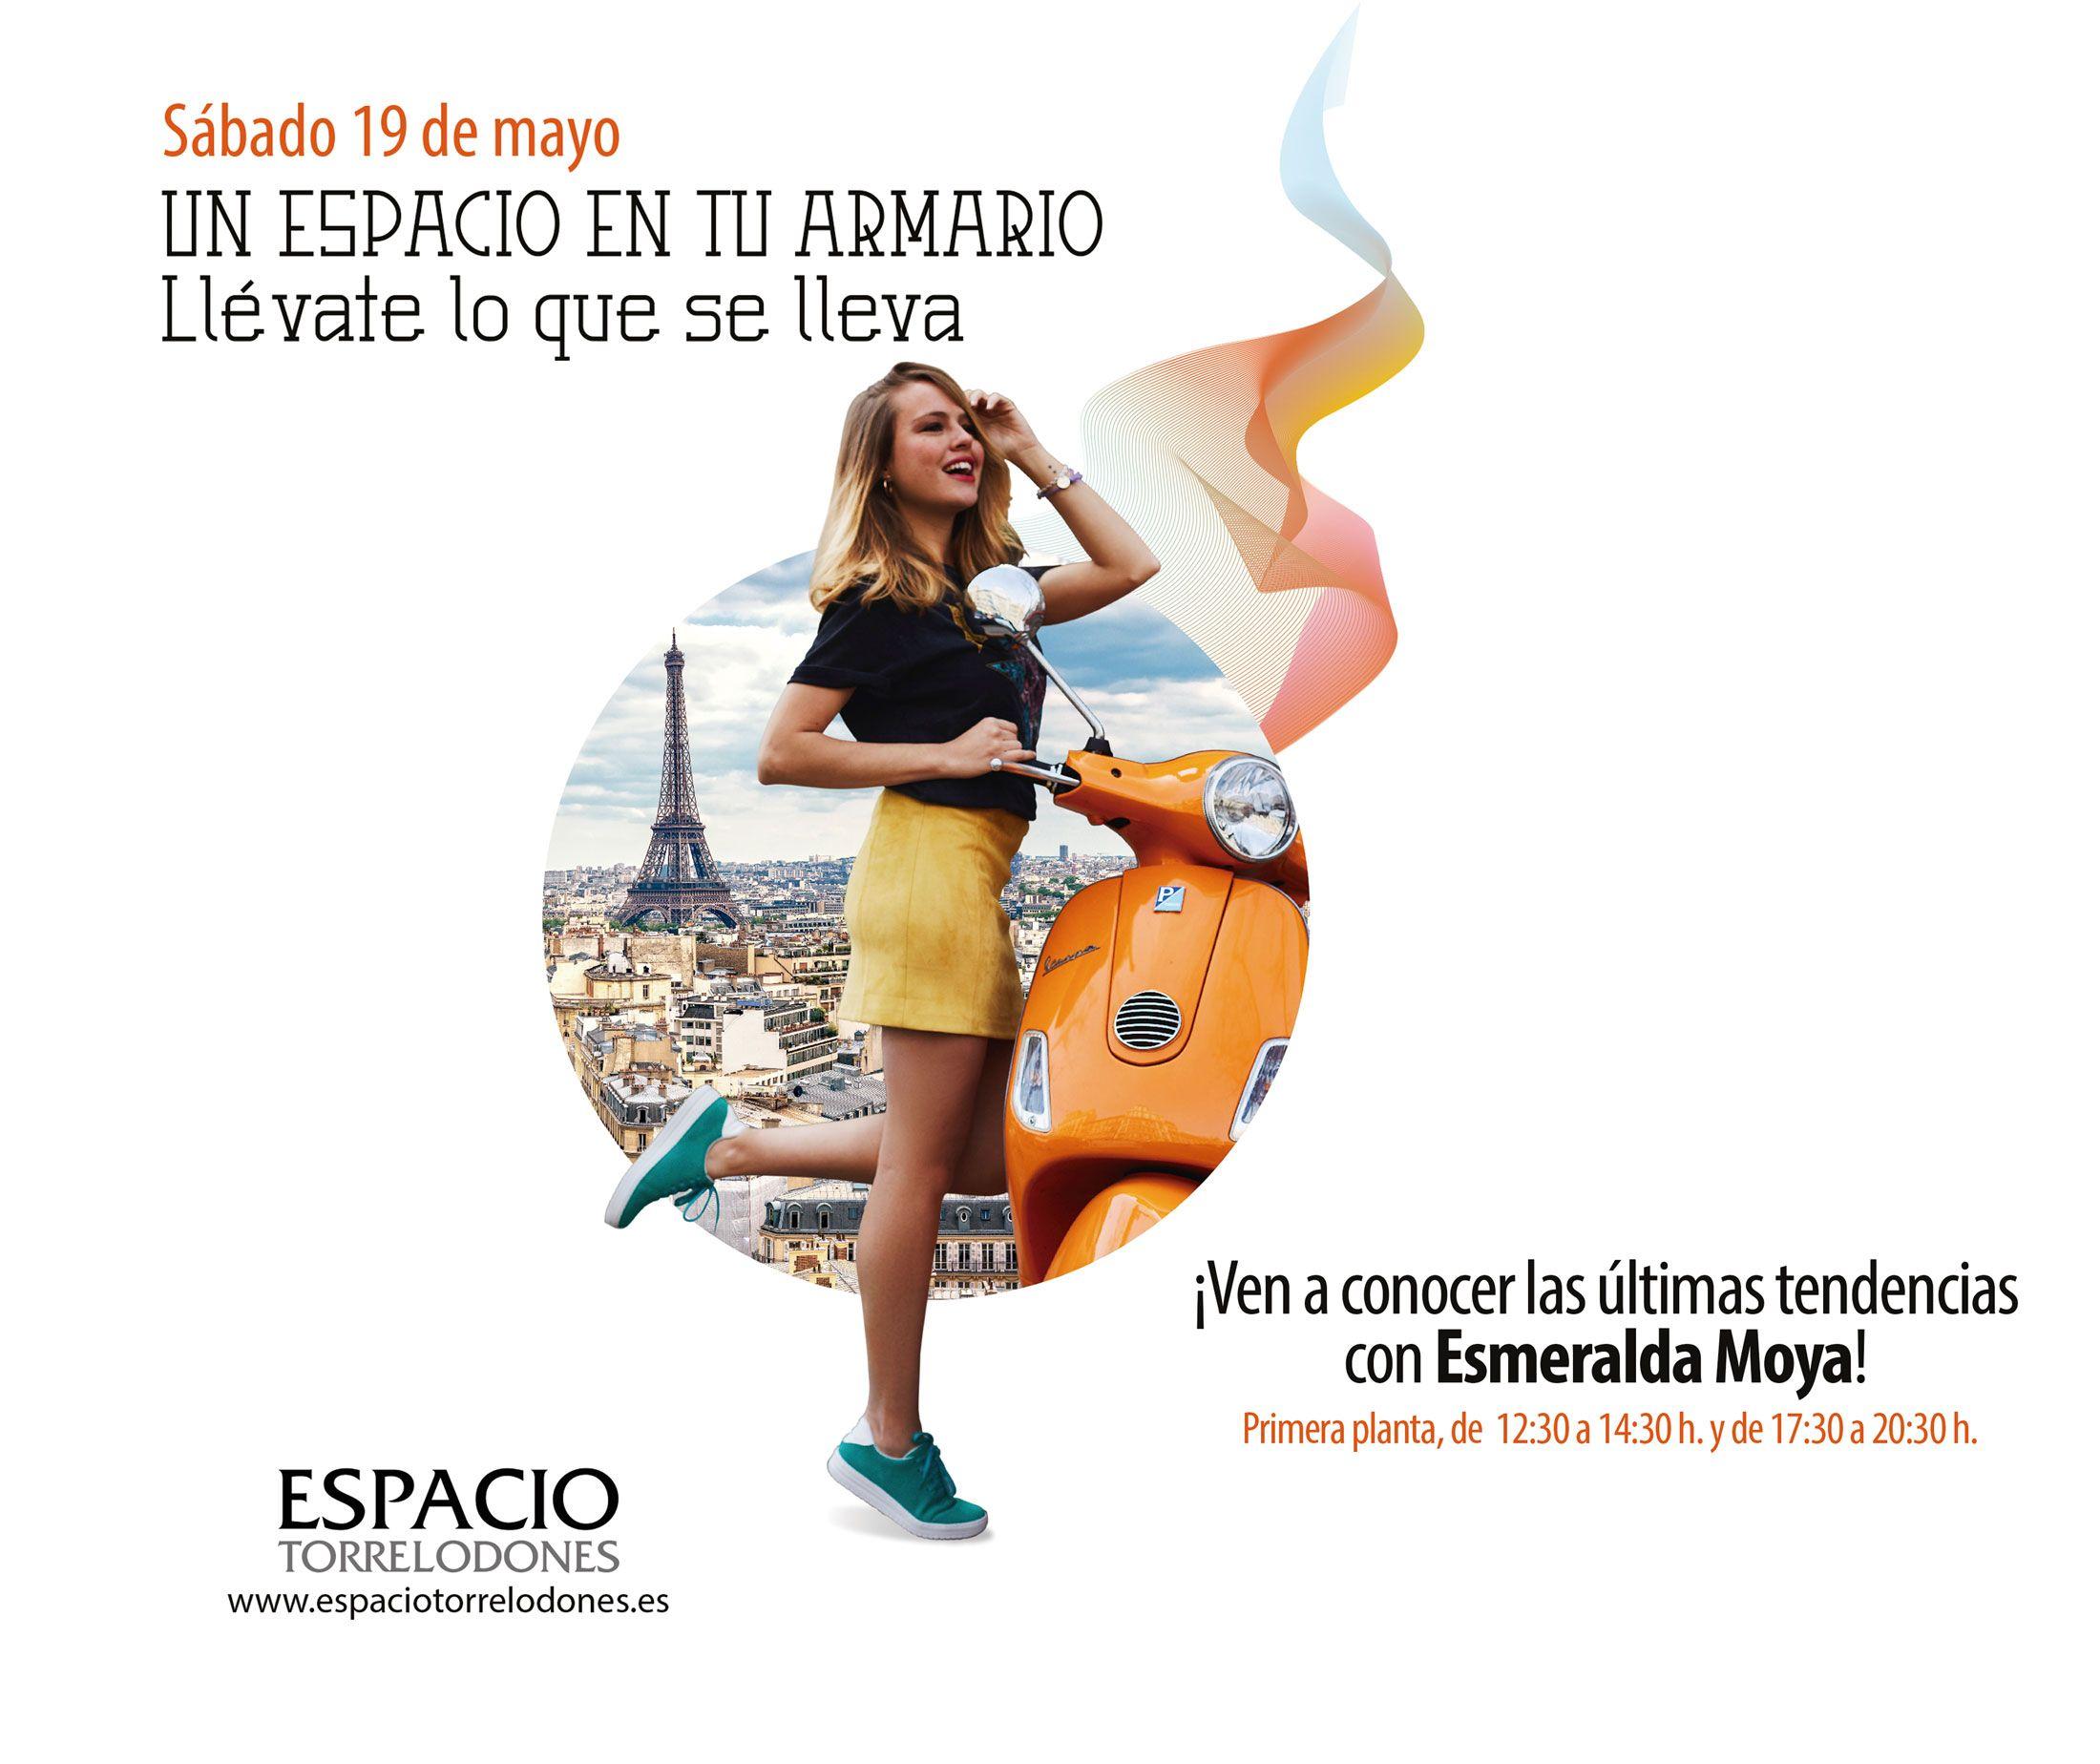 Esmeralda Moya, anfitriona de moda en el Centro Comercial Espacio Torrelodones de Madrid